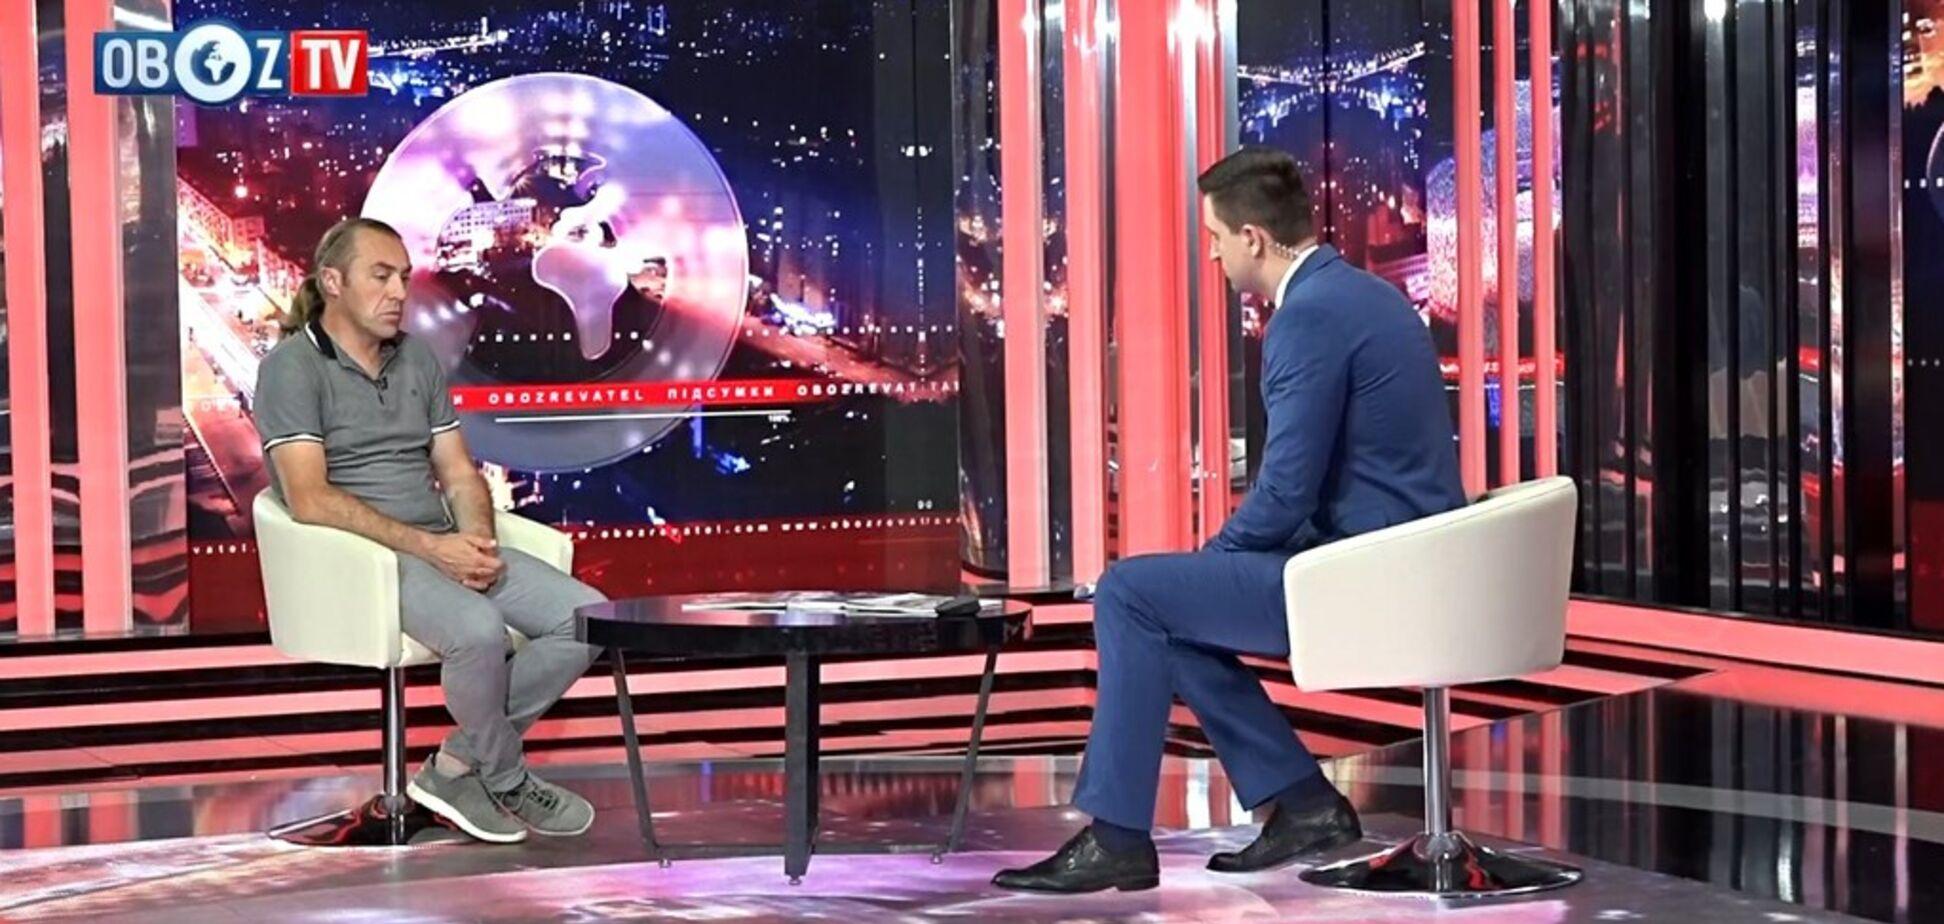 Рада вместо парада: Мирошниченко не исключил, что новый парламент соберется 24 августа